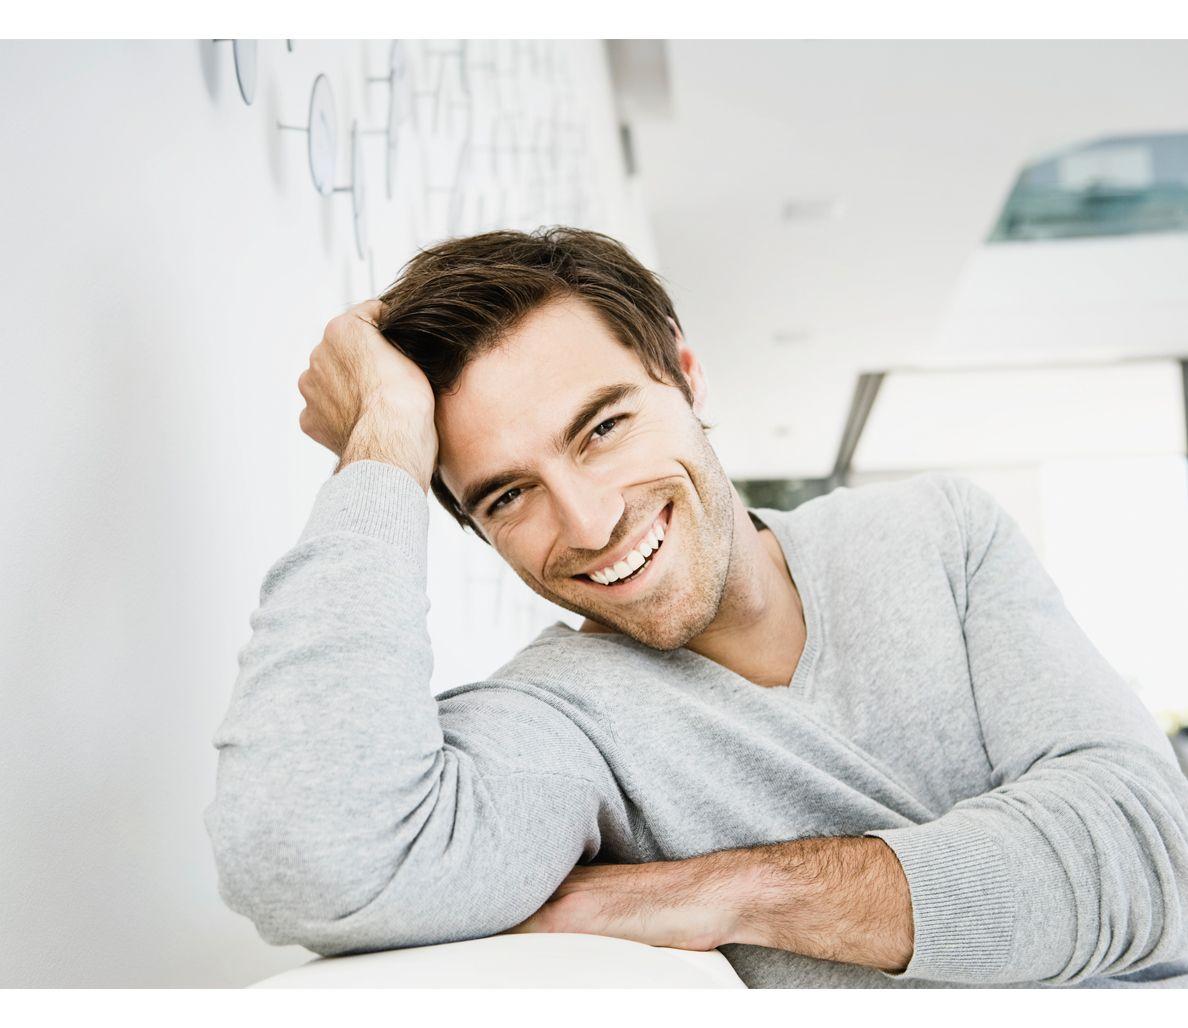 7 ways to strengthen your tooth enamel strengthen teeth